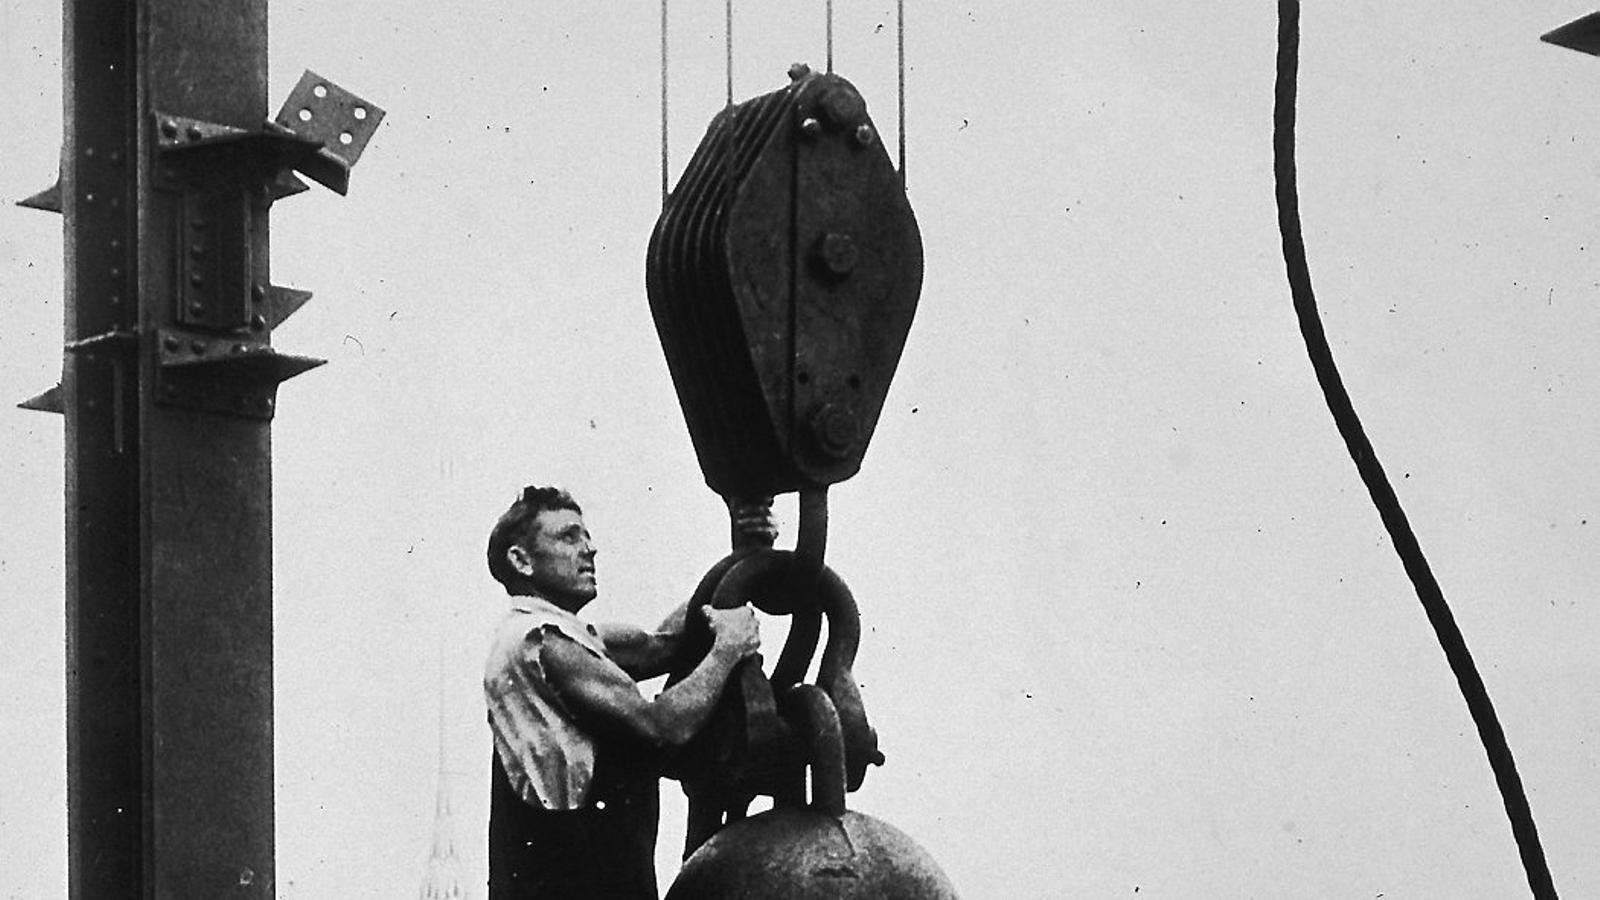 Un dels treballadors durant la construcció de l'Empire State Building el 1930.